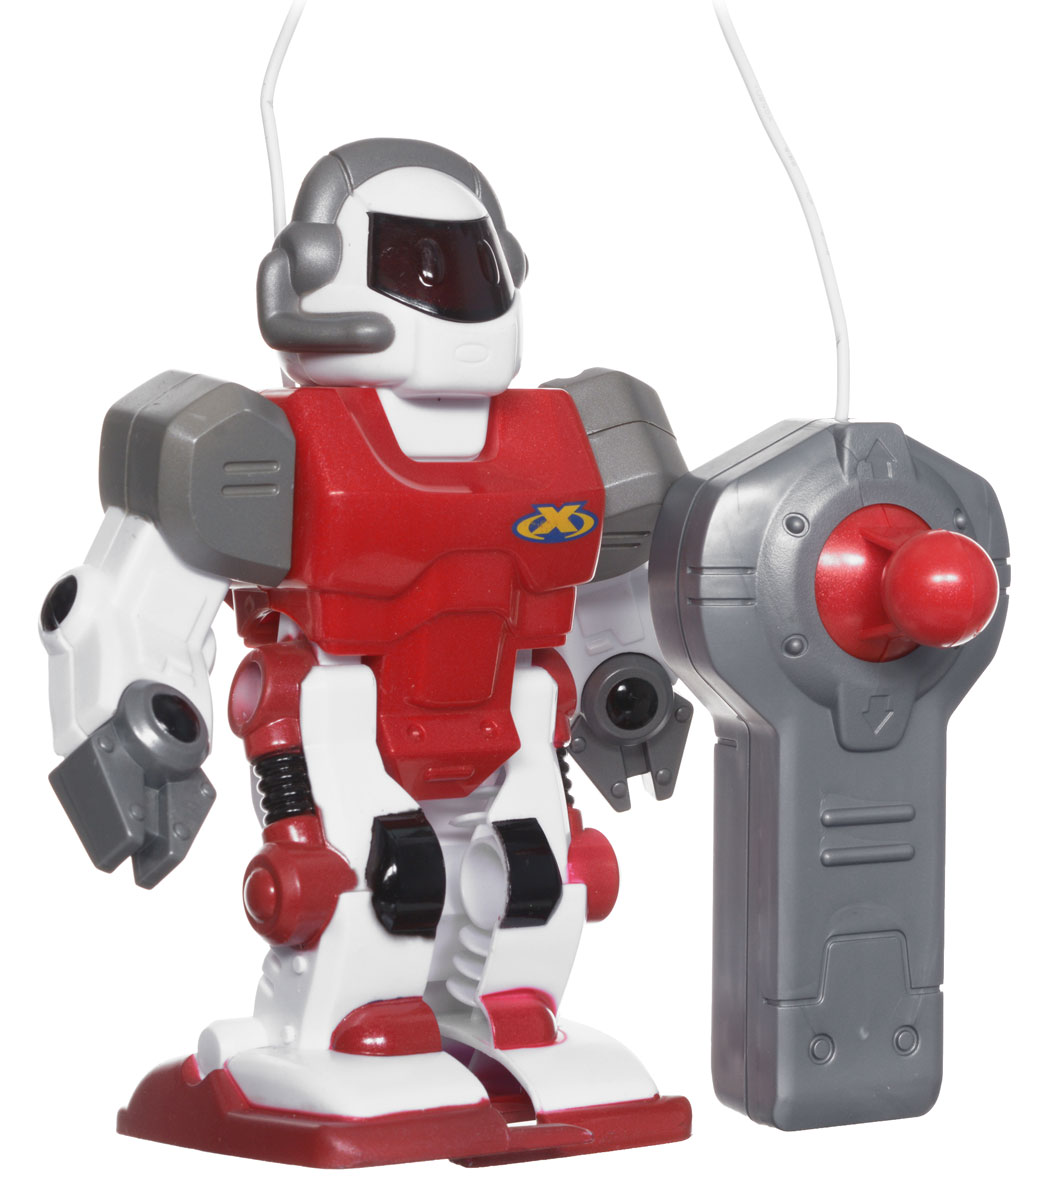 Keenway Робот на дистанционном управлении